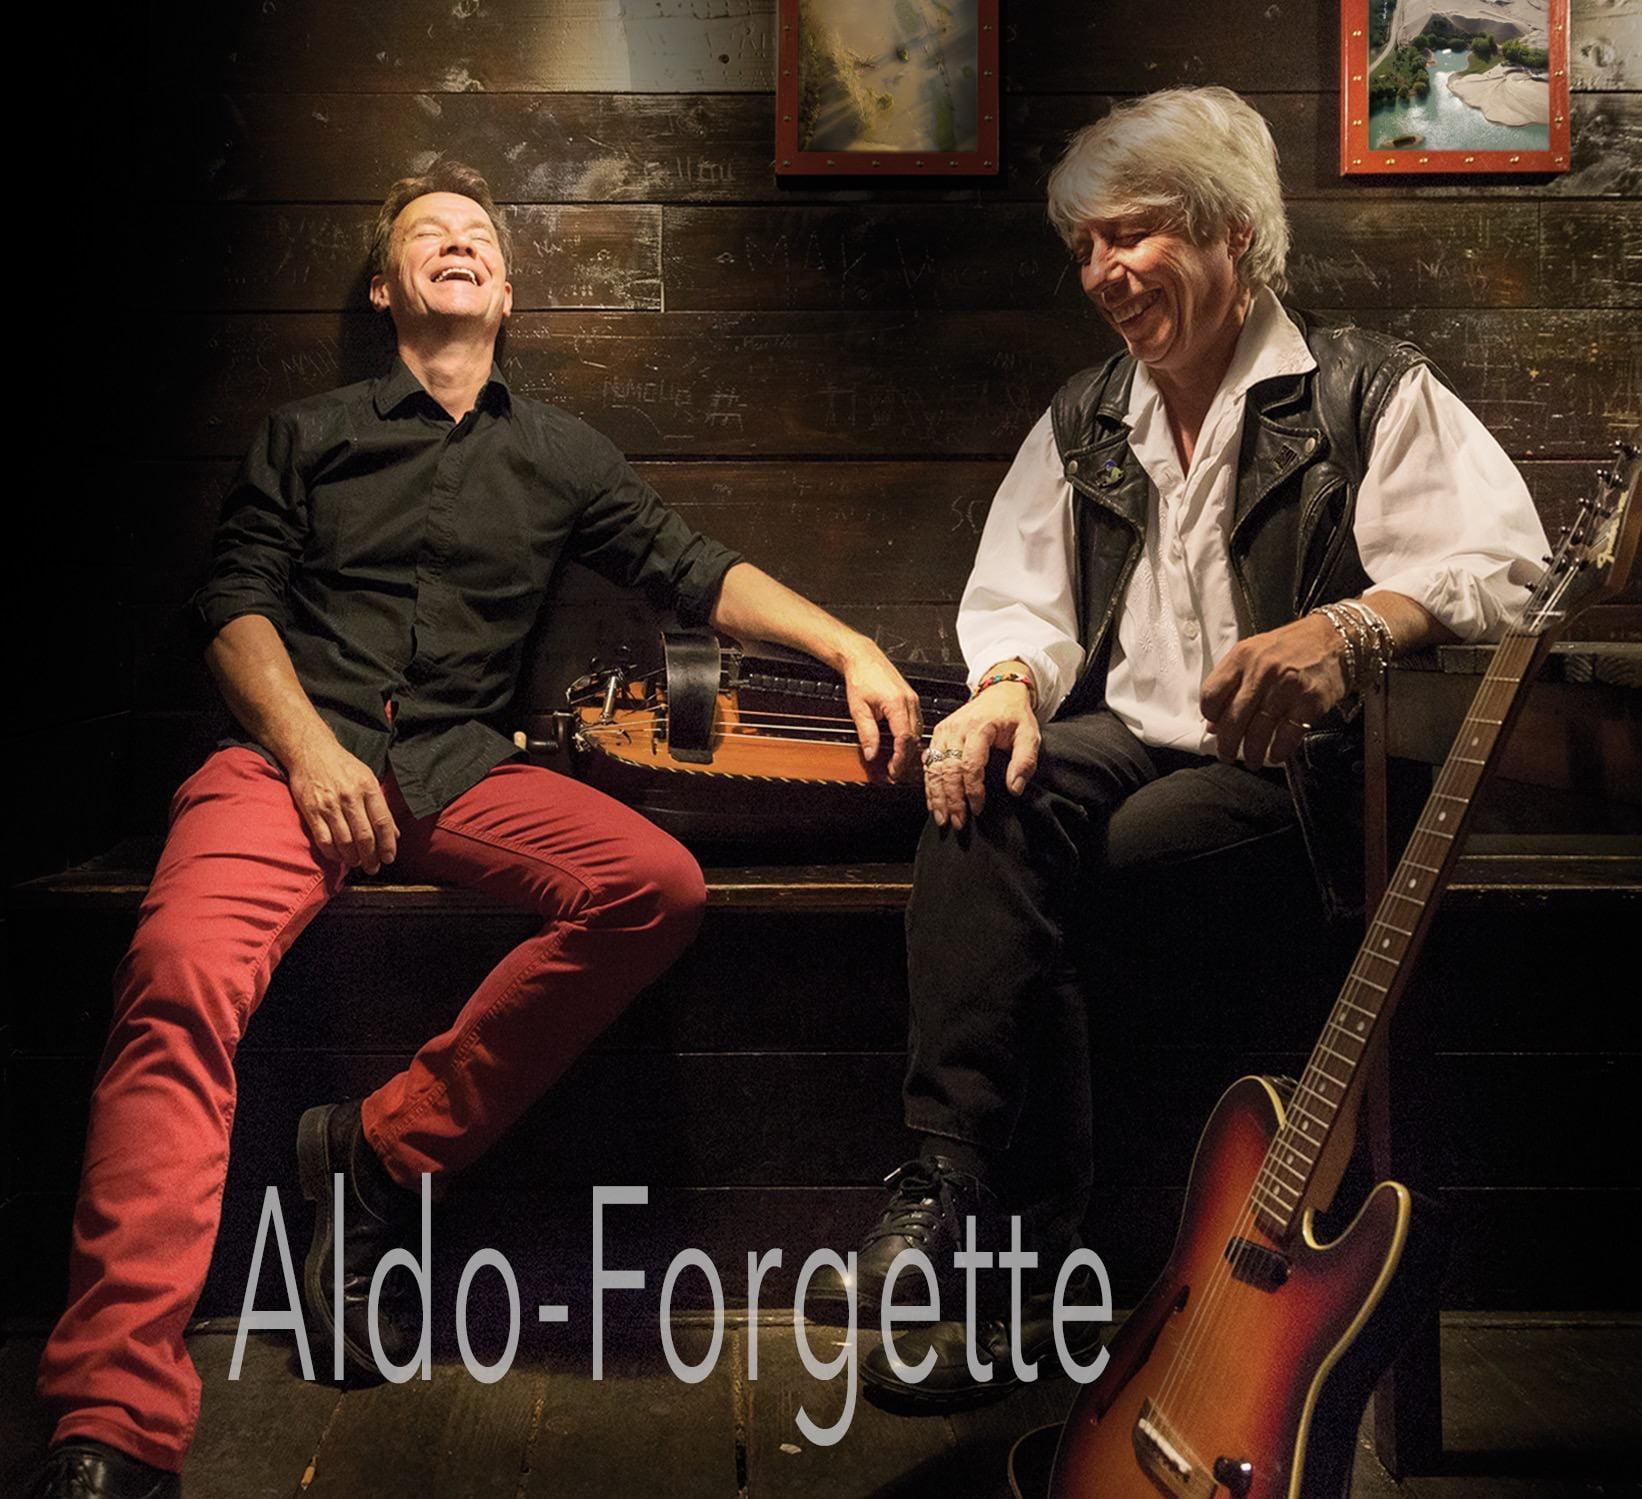 2015 – « Aldo-Forgette » Aldo-Forgette (Alban Bouquette et Dominique Forges) Prod. La compagnie Bérot